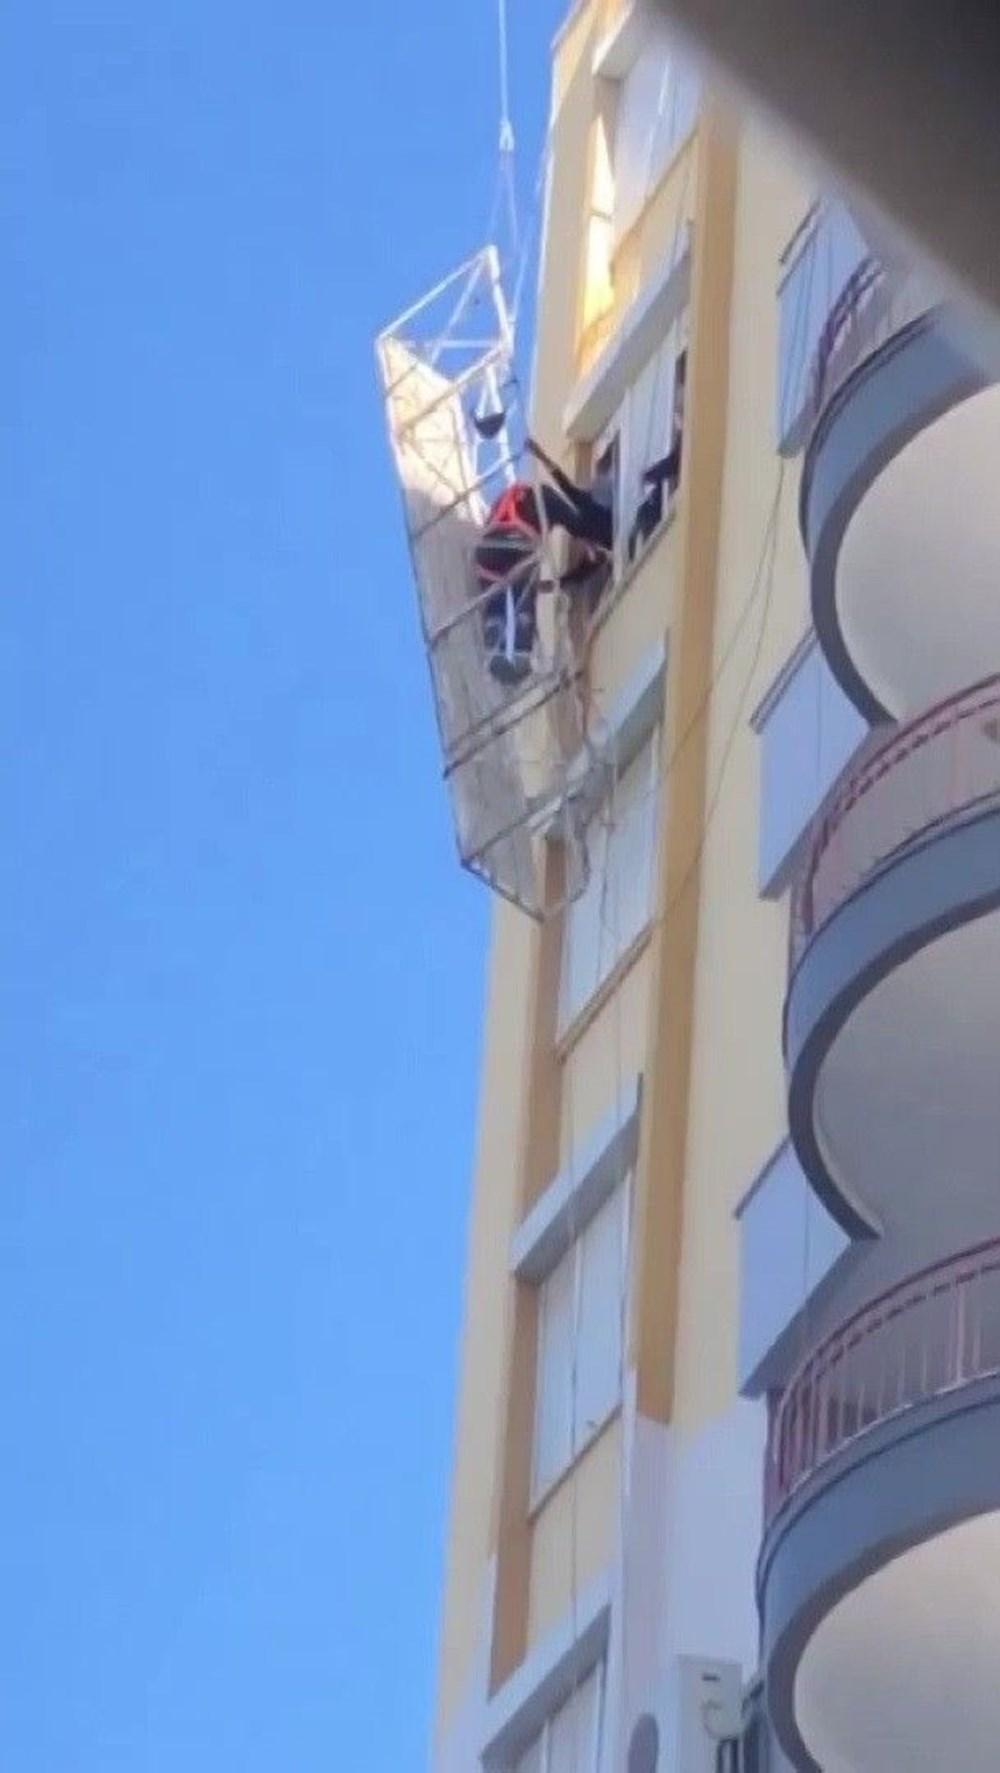 8'inci katta ölümle burun buruna - 4